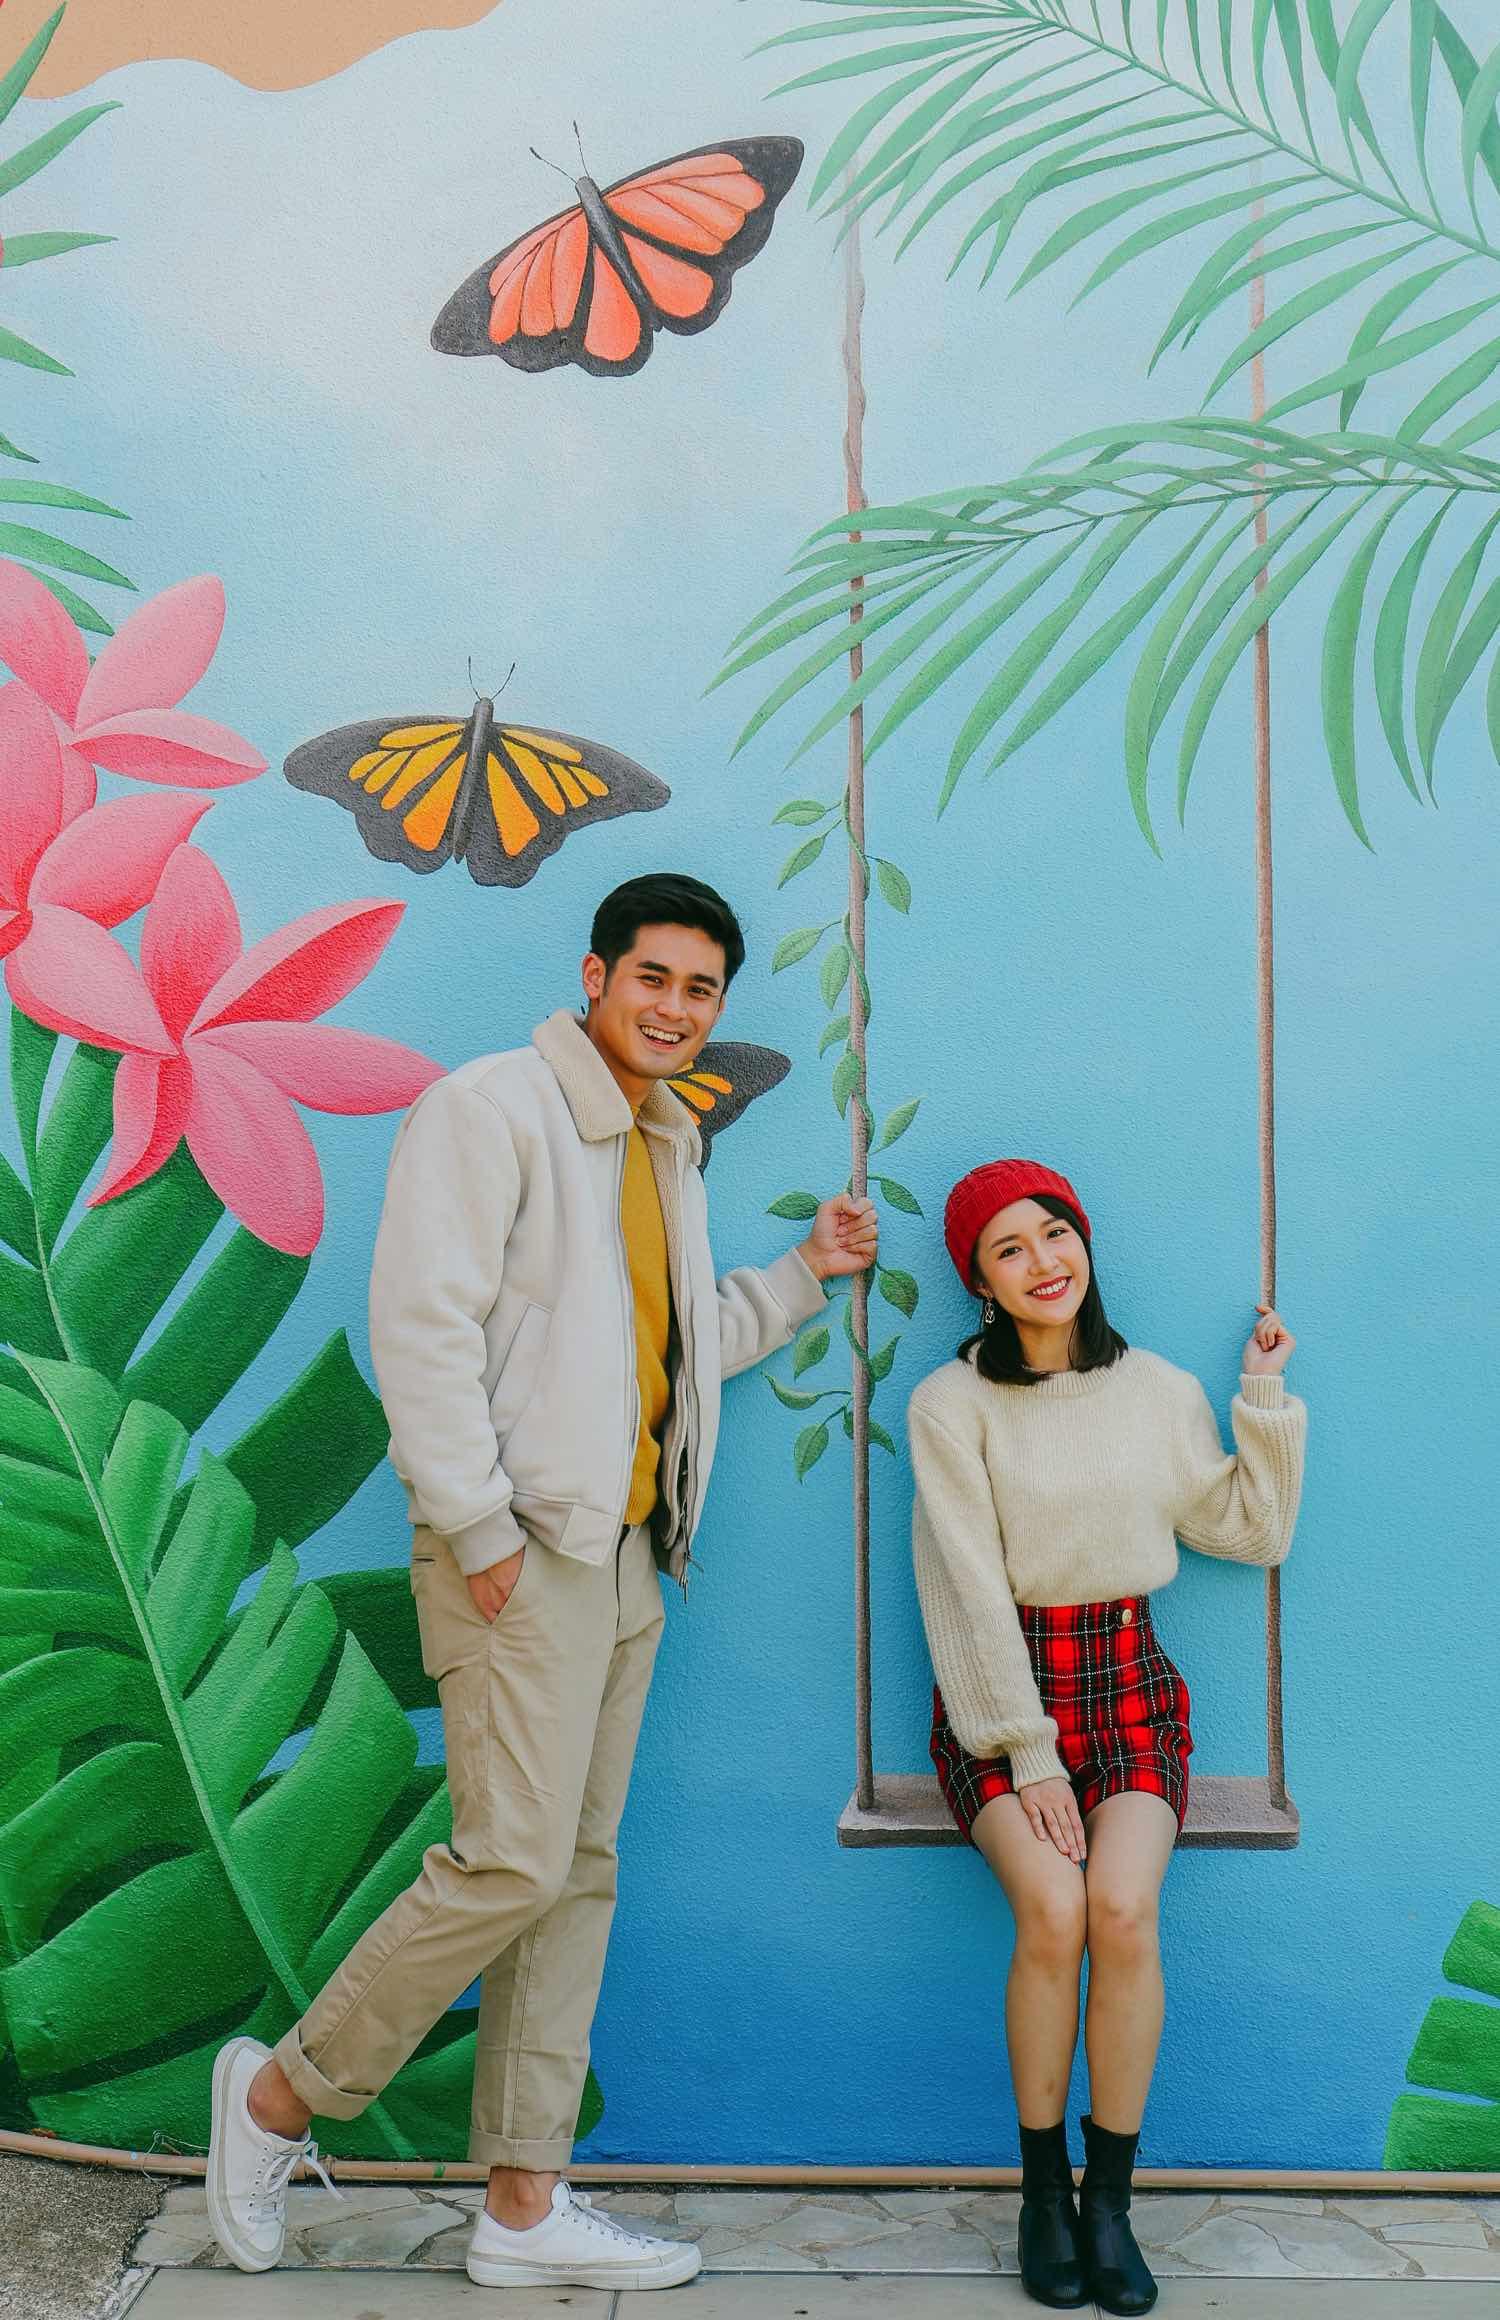 香港黃金海岸 「 蝶舞花間喜迎春 」  花飛蝴蝶陪你度春日